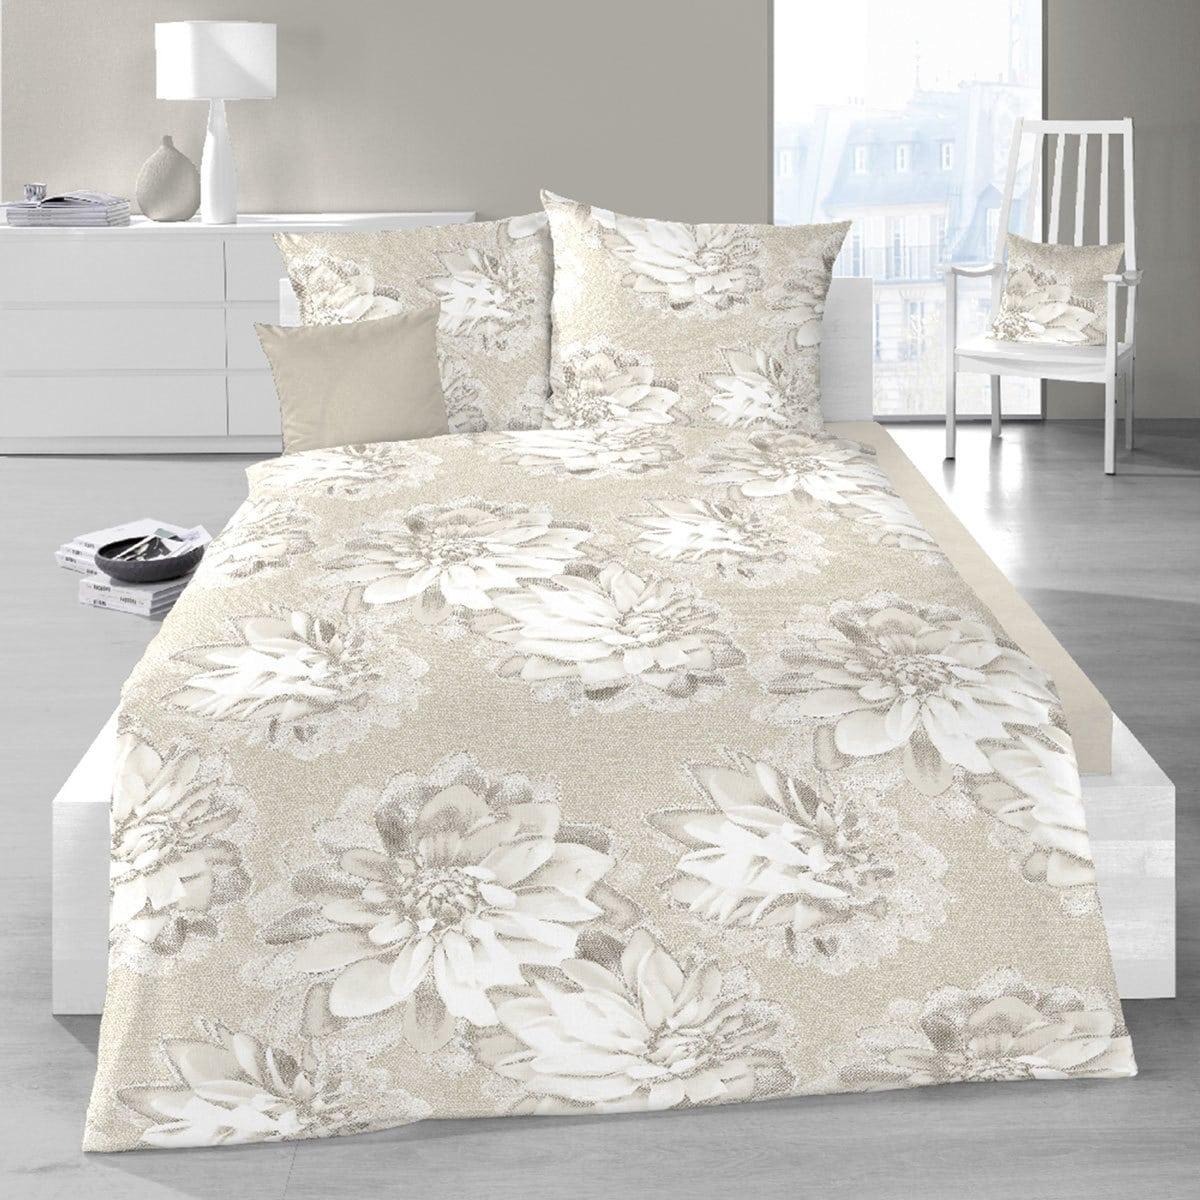 Schlafgut Mako-Satin Bettwäsche Sesimbra natural silk